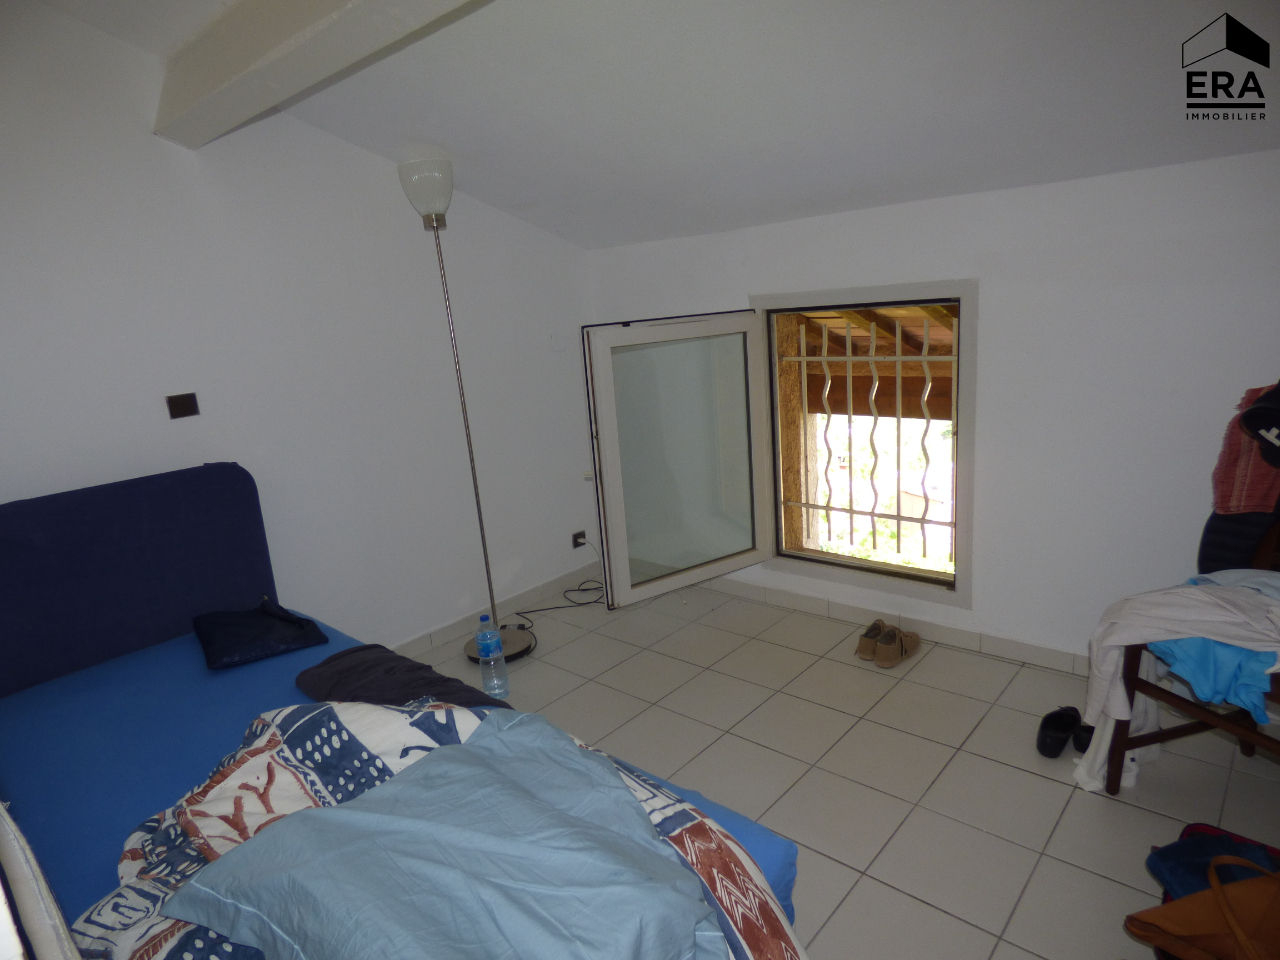 Apartment For Sale Cogolin - 2 Pièces - 30 M² | Era France serapportantà Cash Piscine Toulon